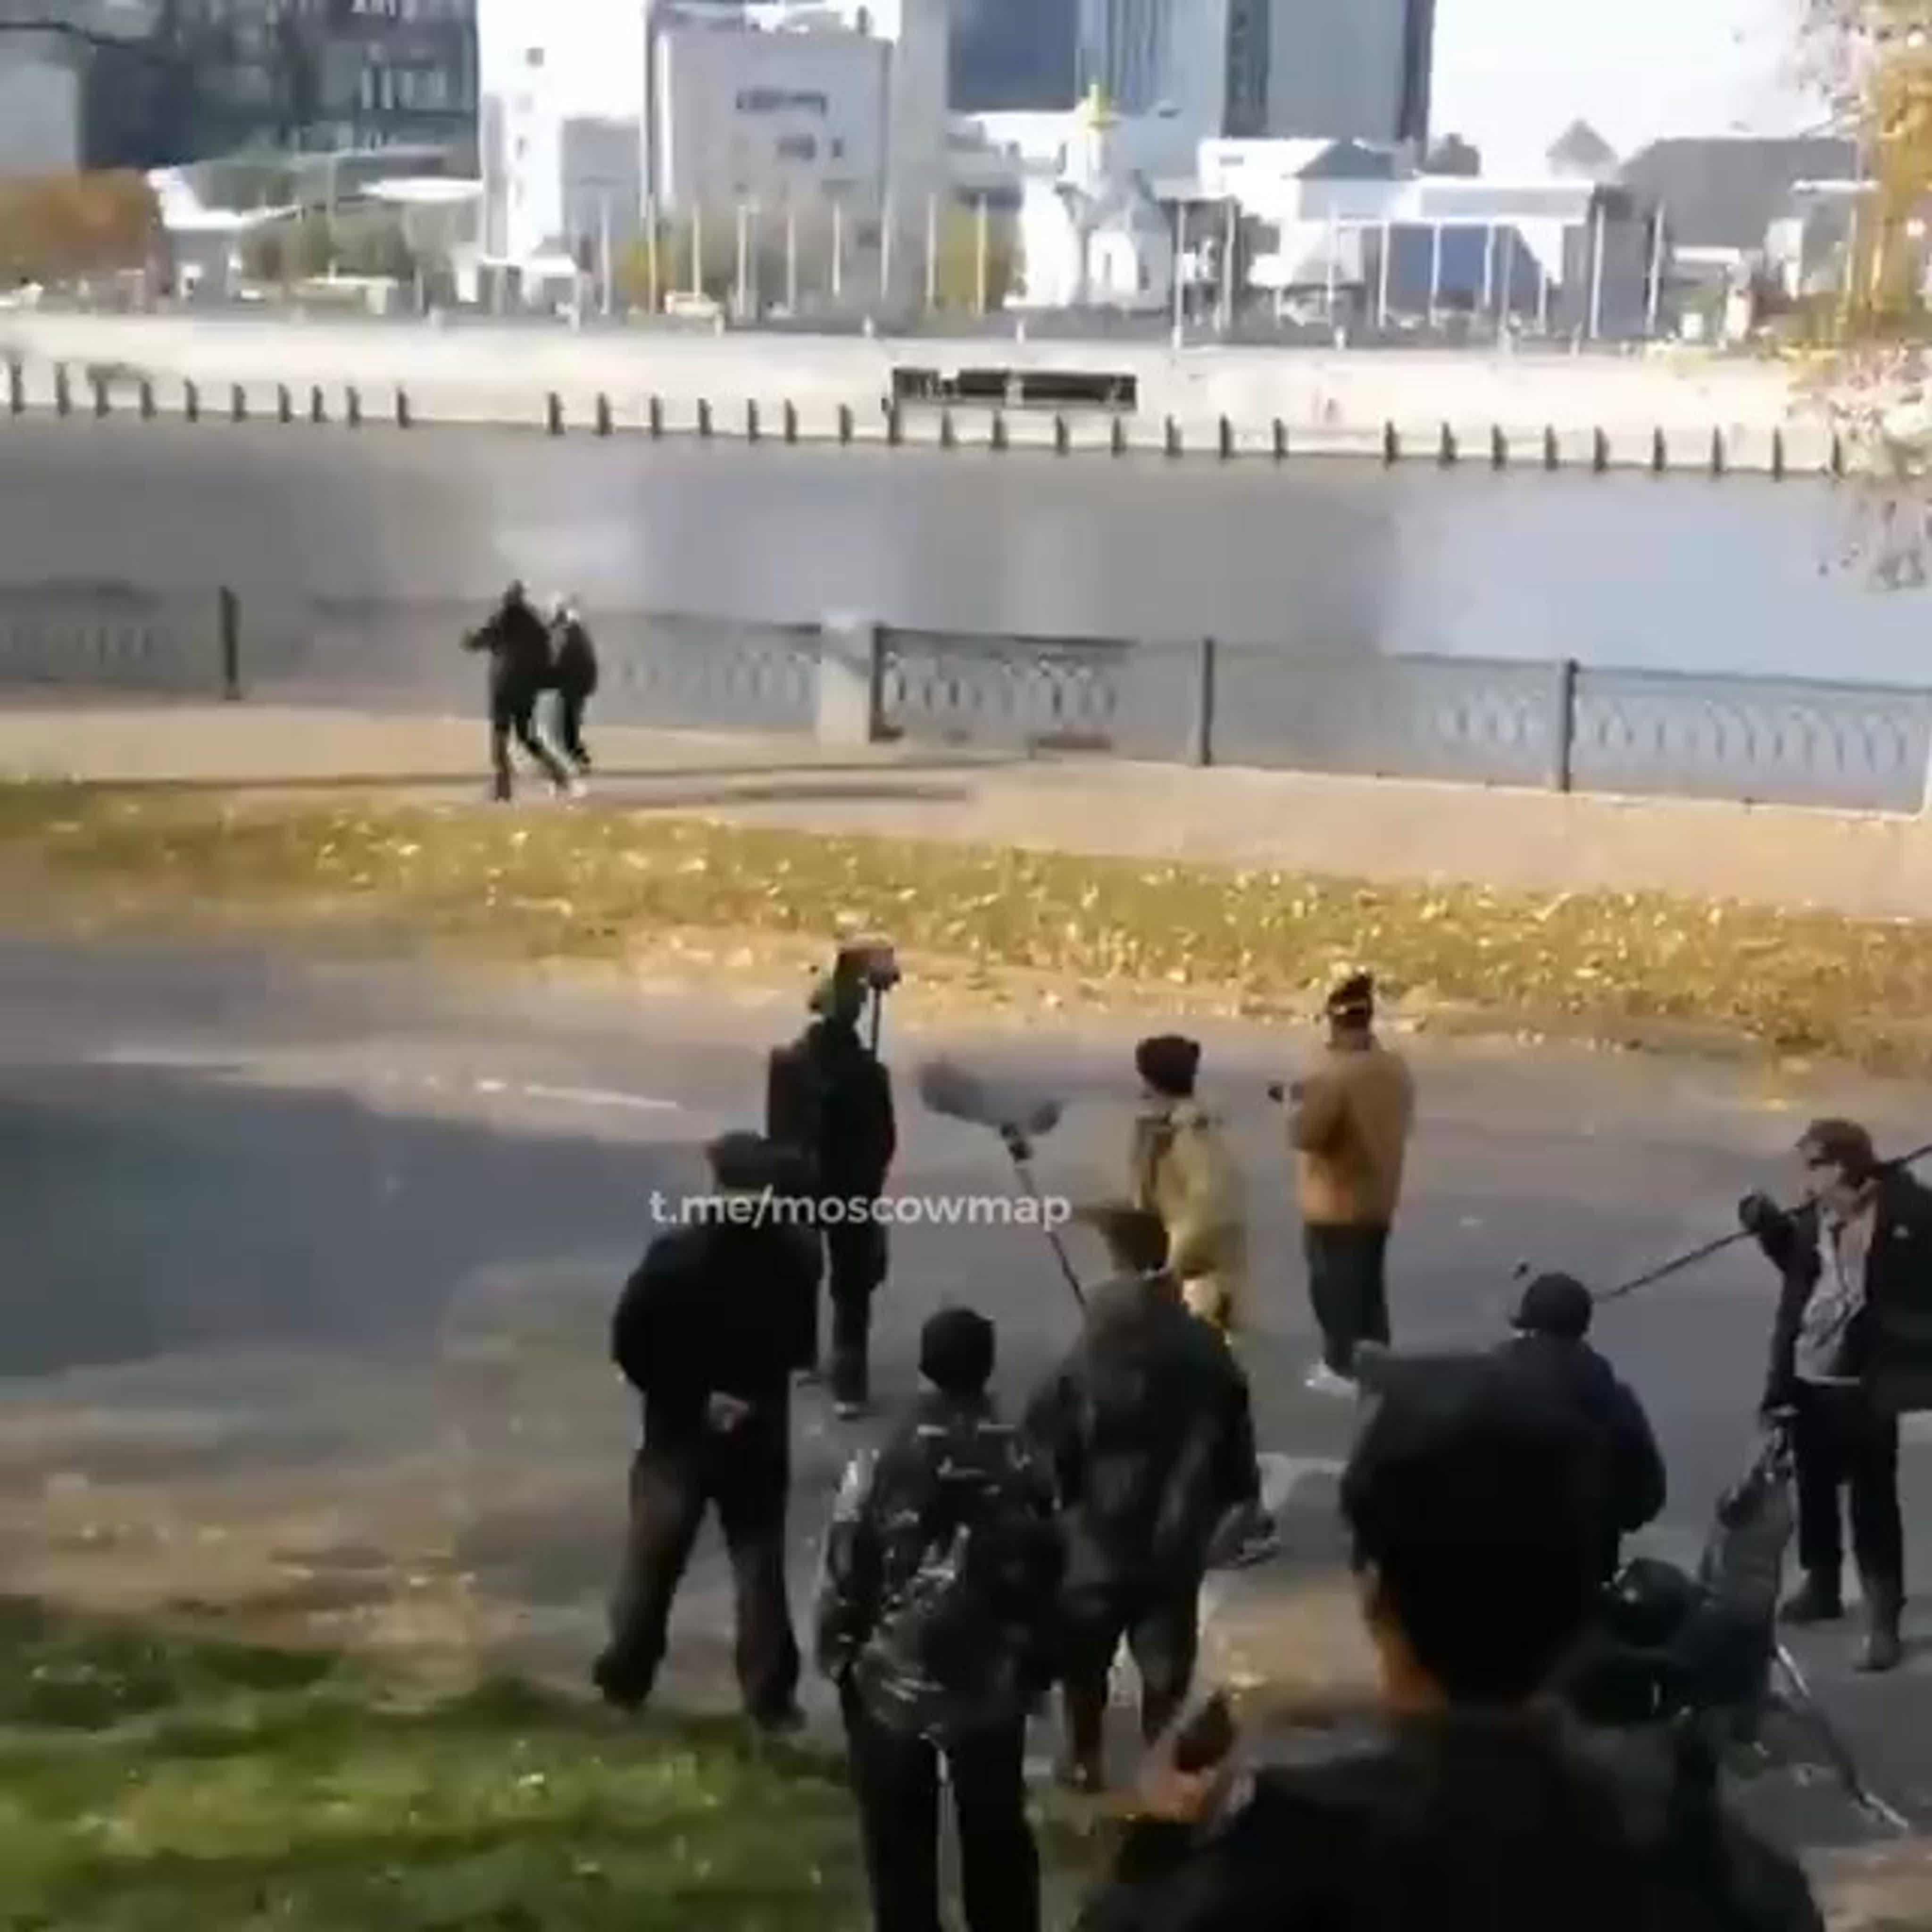 Во время съёмок около Москва-Сити в реку упал автомобиль.